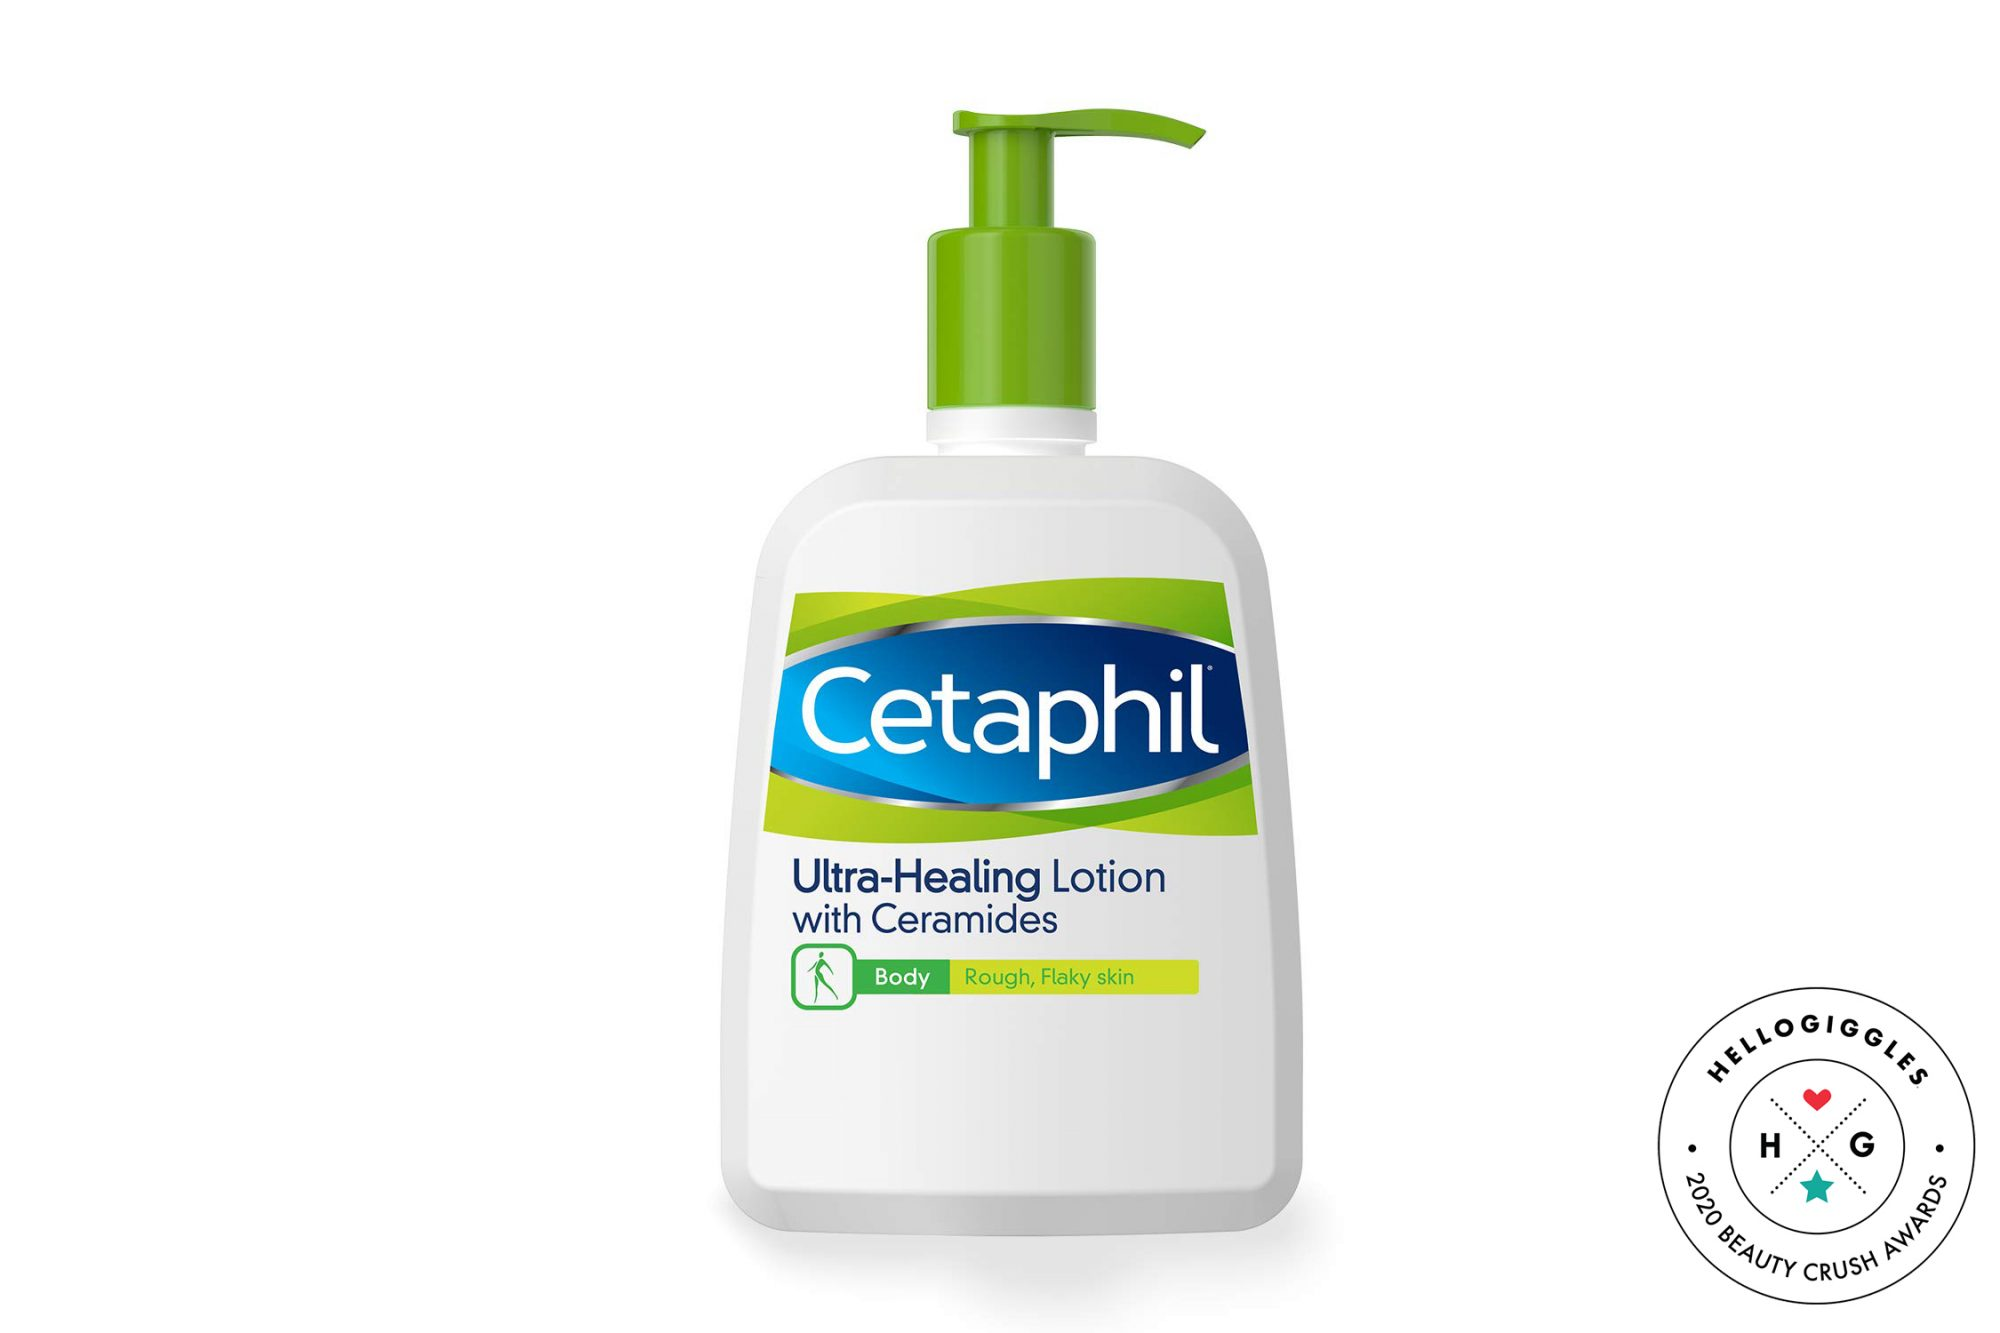 cetaphil-seal.jpg